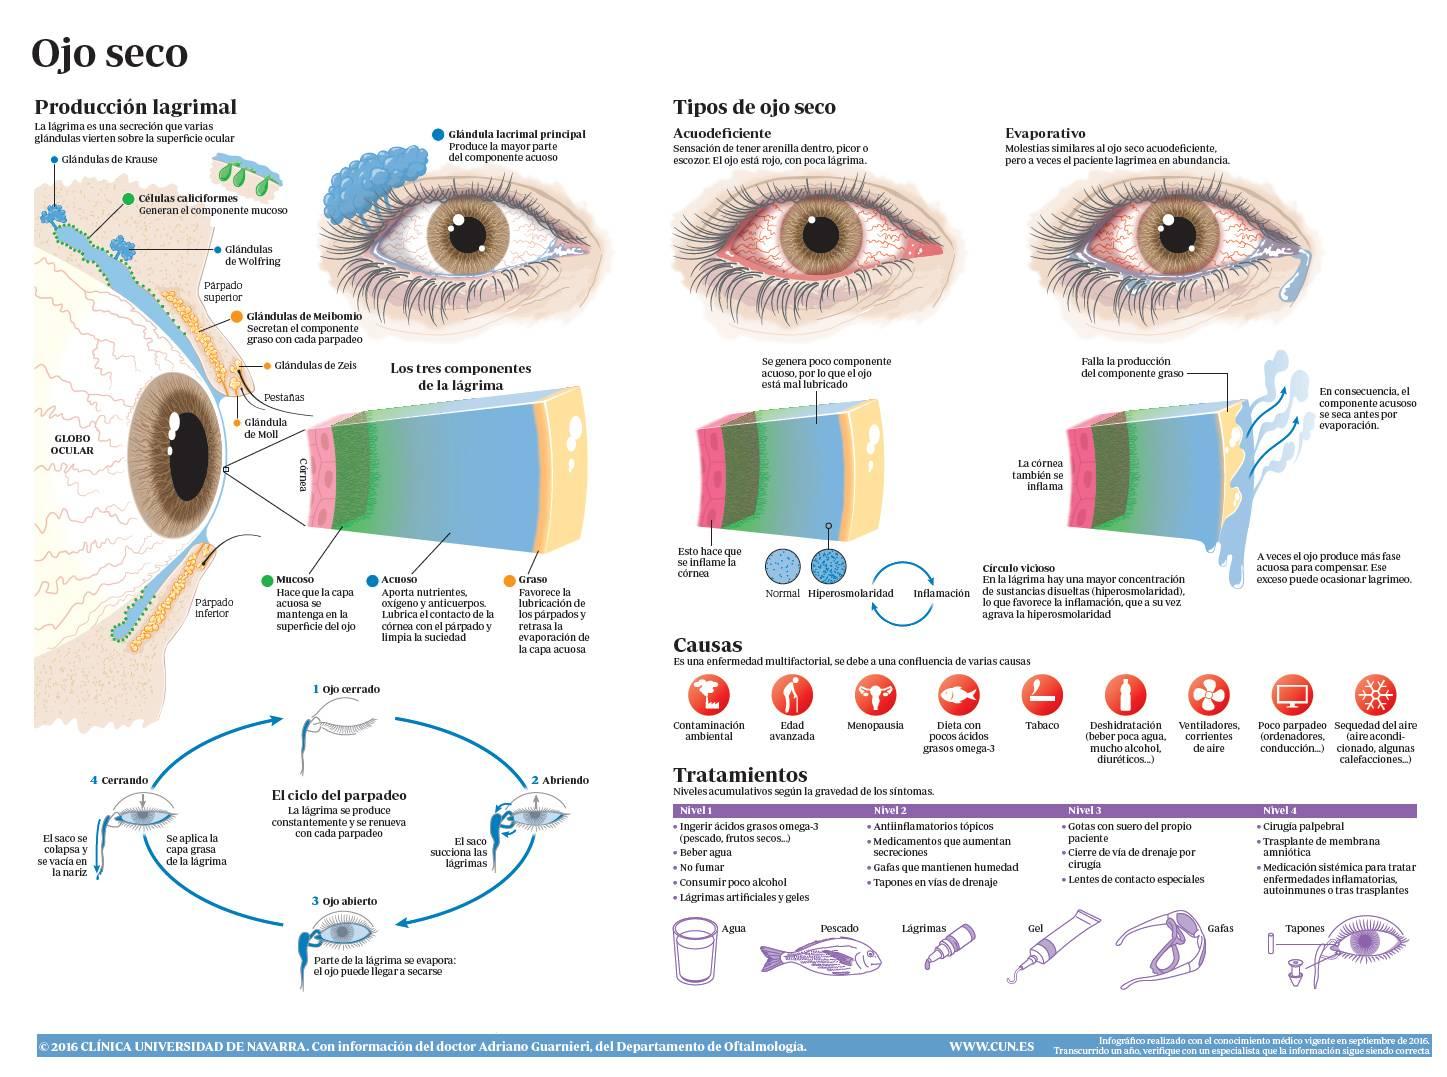 Ojo seco: causas, síntomas y tratamiento. Clínica Universidad de Navarra